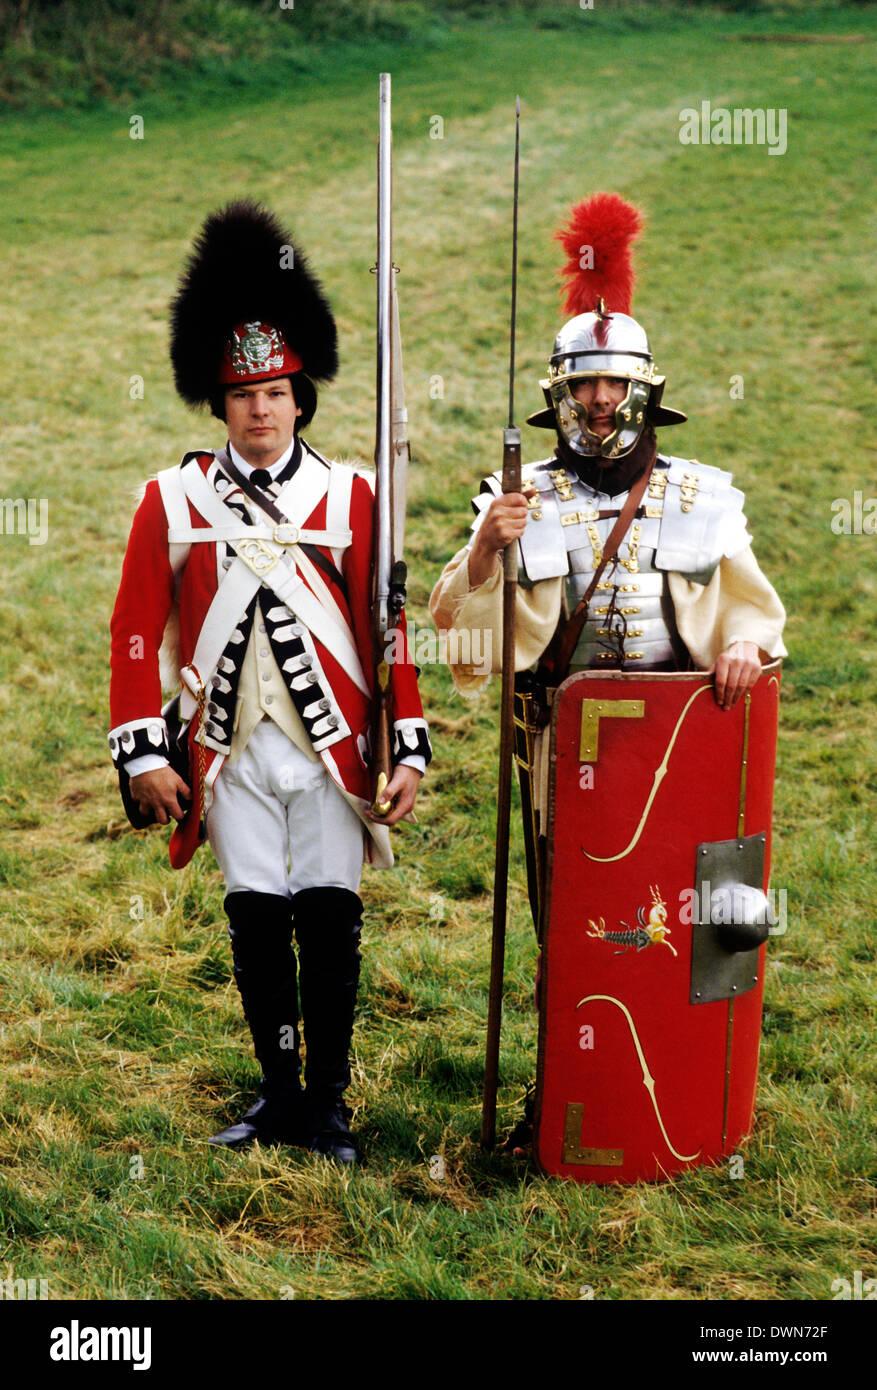 Soldaten in der britischen Geschichte, 18. Jahrhundert Fußsoldaten und 2. Jahrhundert römisch, historische Stockbild